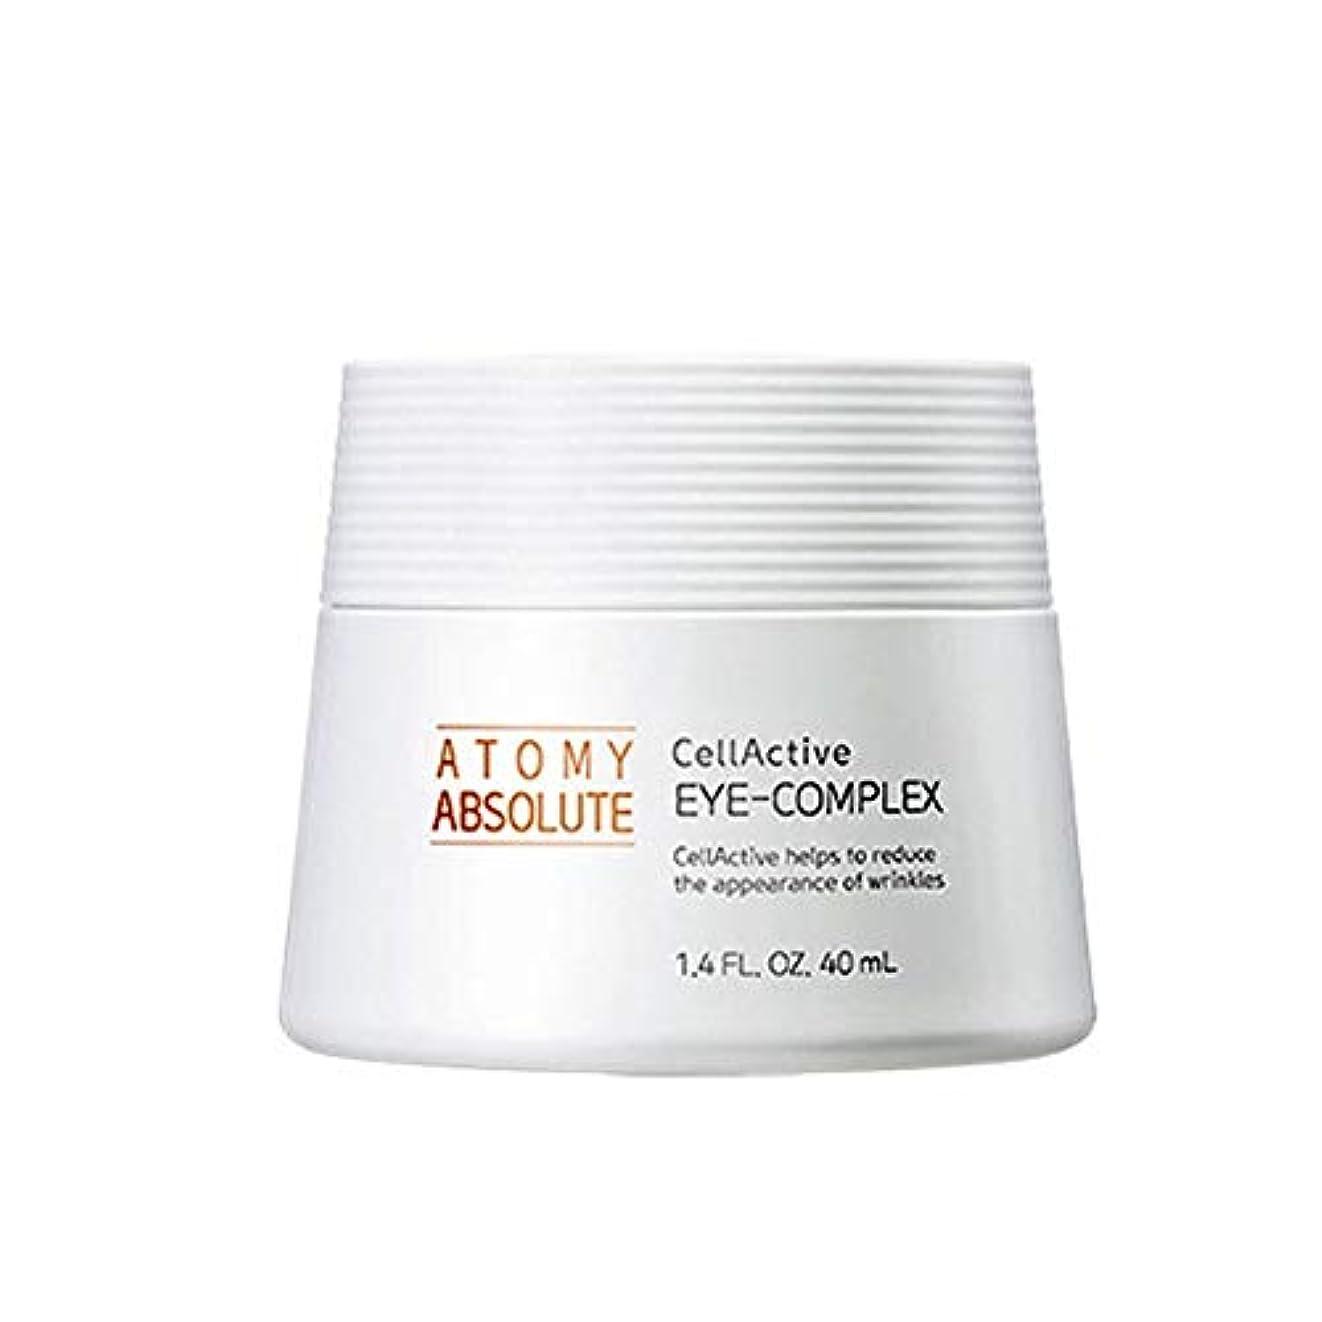 パッチガウン尊敬するアトミアブソリュートセラクティブ・アイコンプレックス40ml韓国コスメ、Atomy Absolute CellActive Eye-Complex 40ml Korean Cosmetics [並行輸入品]